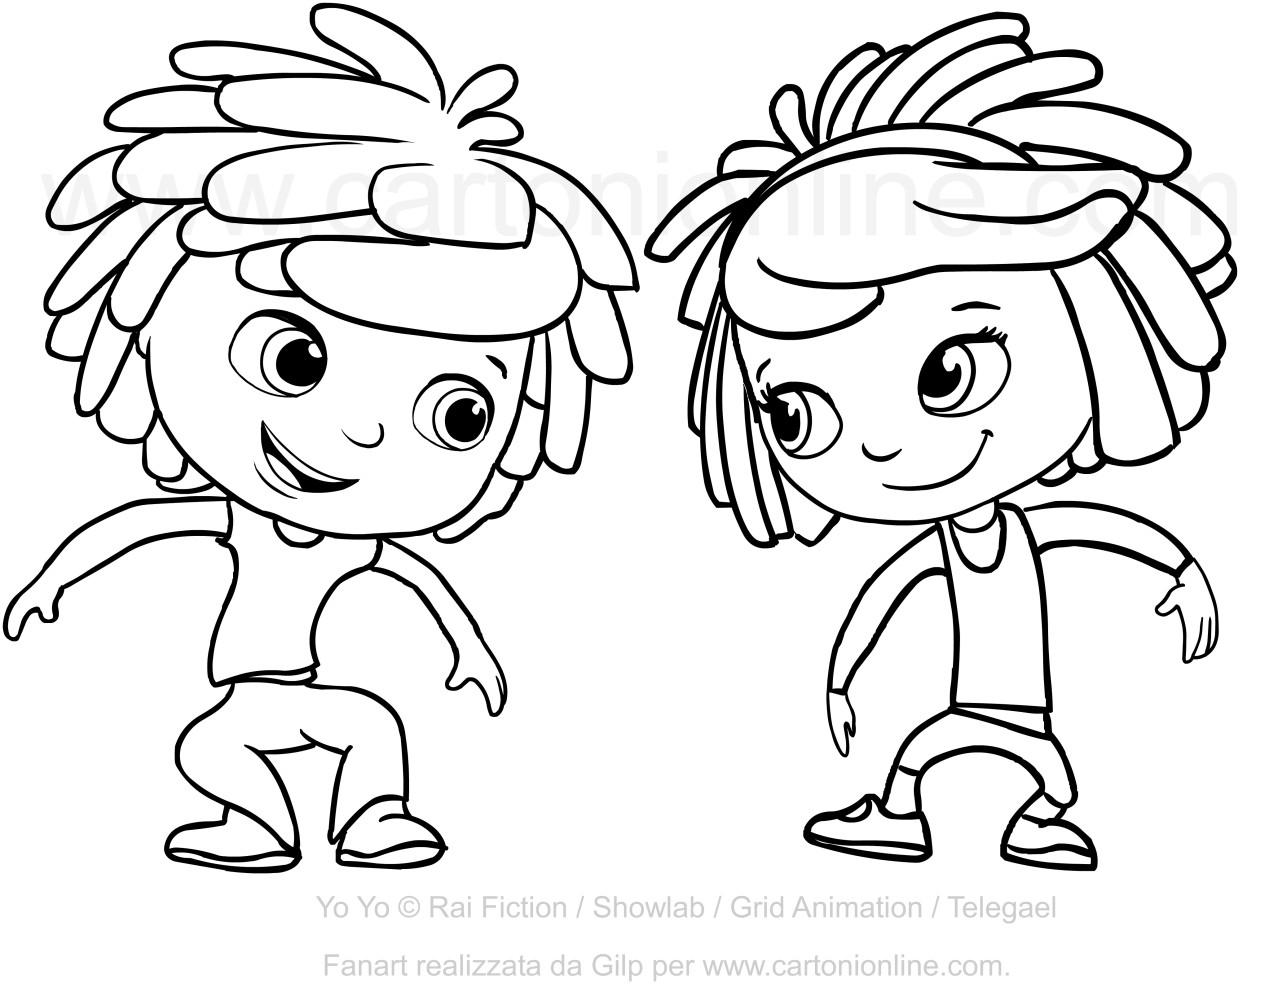 Disegno di yo e yo da colorare for Cartoni animati da stampare e colorare